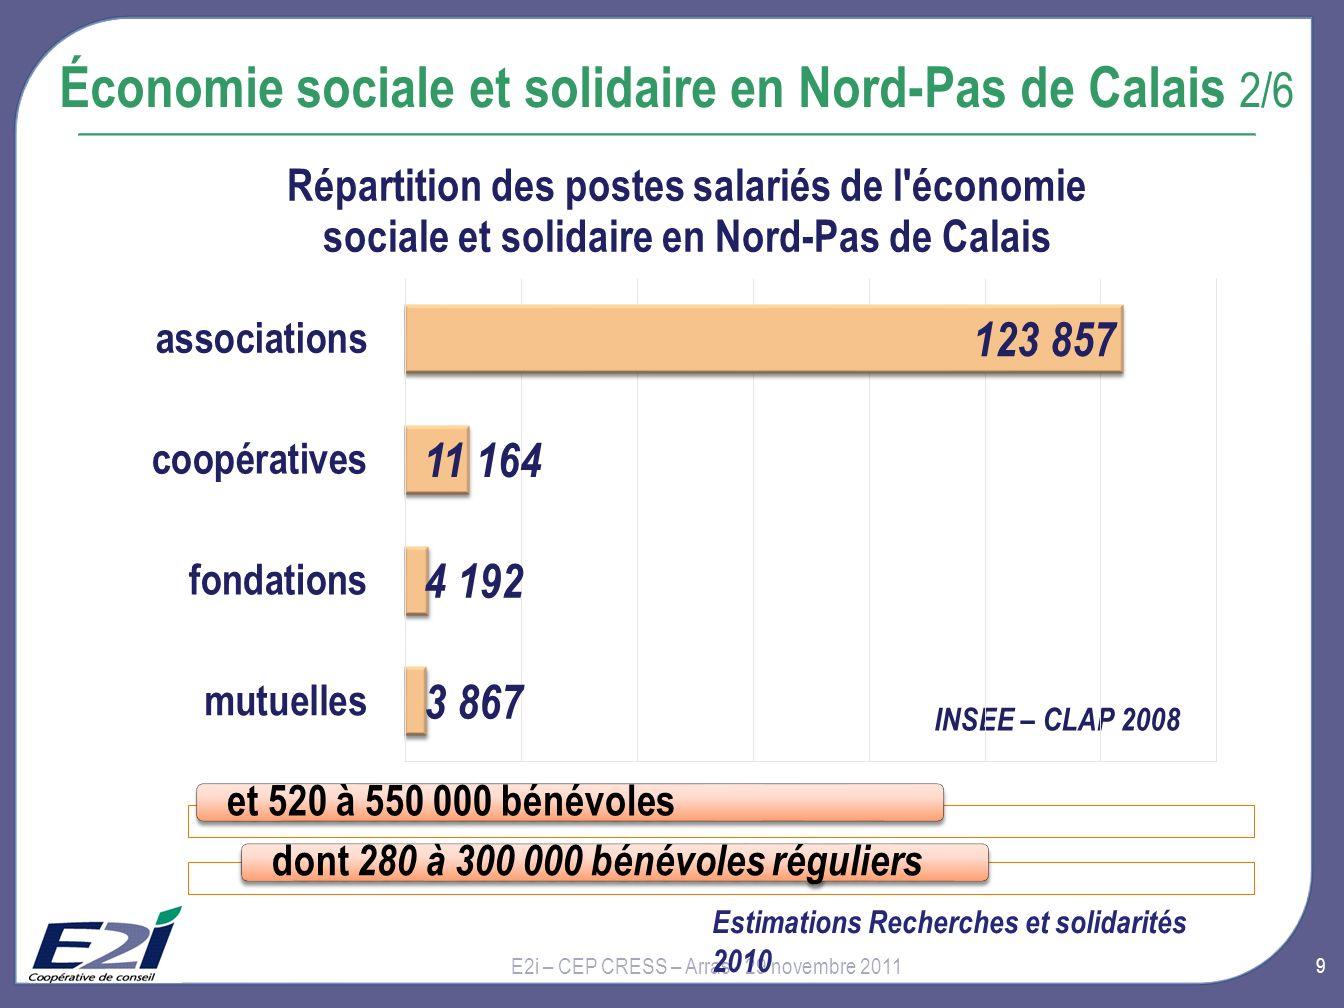 10 E2i – CEP CRESS – Arras - 29 novembre 2011 Économie sociale et solidaire en Nord-Pas de Calais 3/6 Les postes et salariés de léconomie sociale et solidaire : des professions intermédiaires pour 32,6%, et des employés pour 39,2% des femmes à 62,1% 38,7 % de plus de 45 ans et 7,2 % de moins de 25 ans Titulaires dun niveau Bac + 2 ou 3 pour 28% DADS 2008 ; enquête CNRS 2005